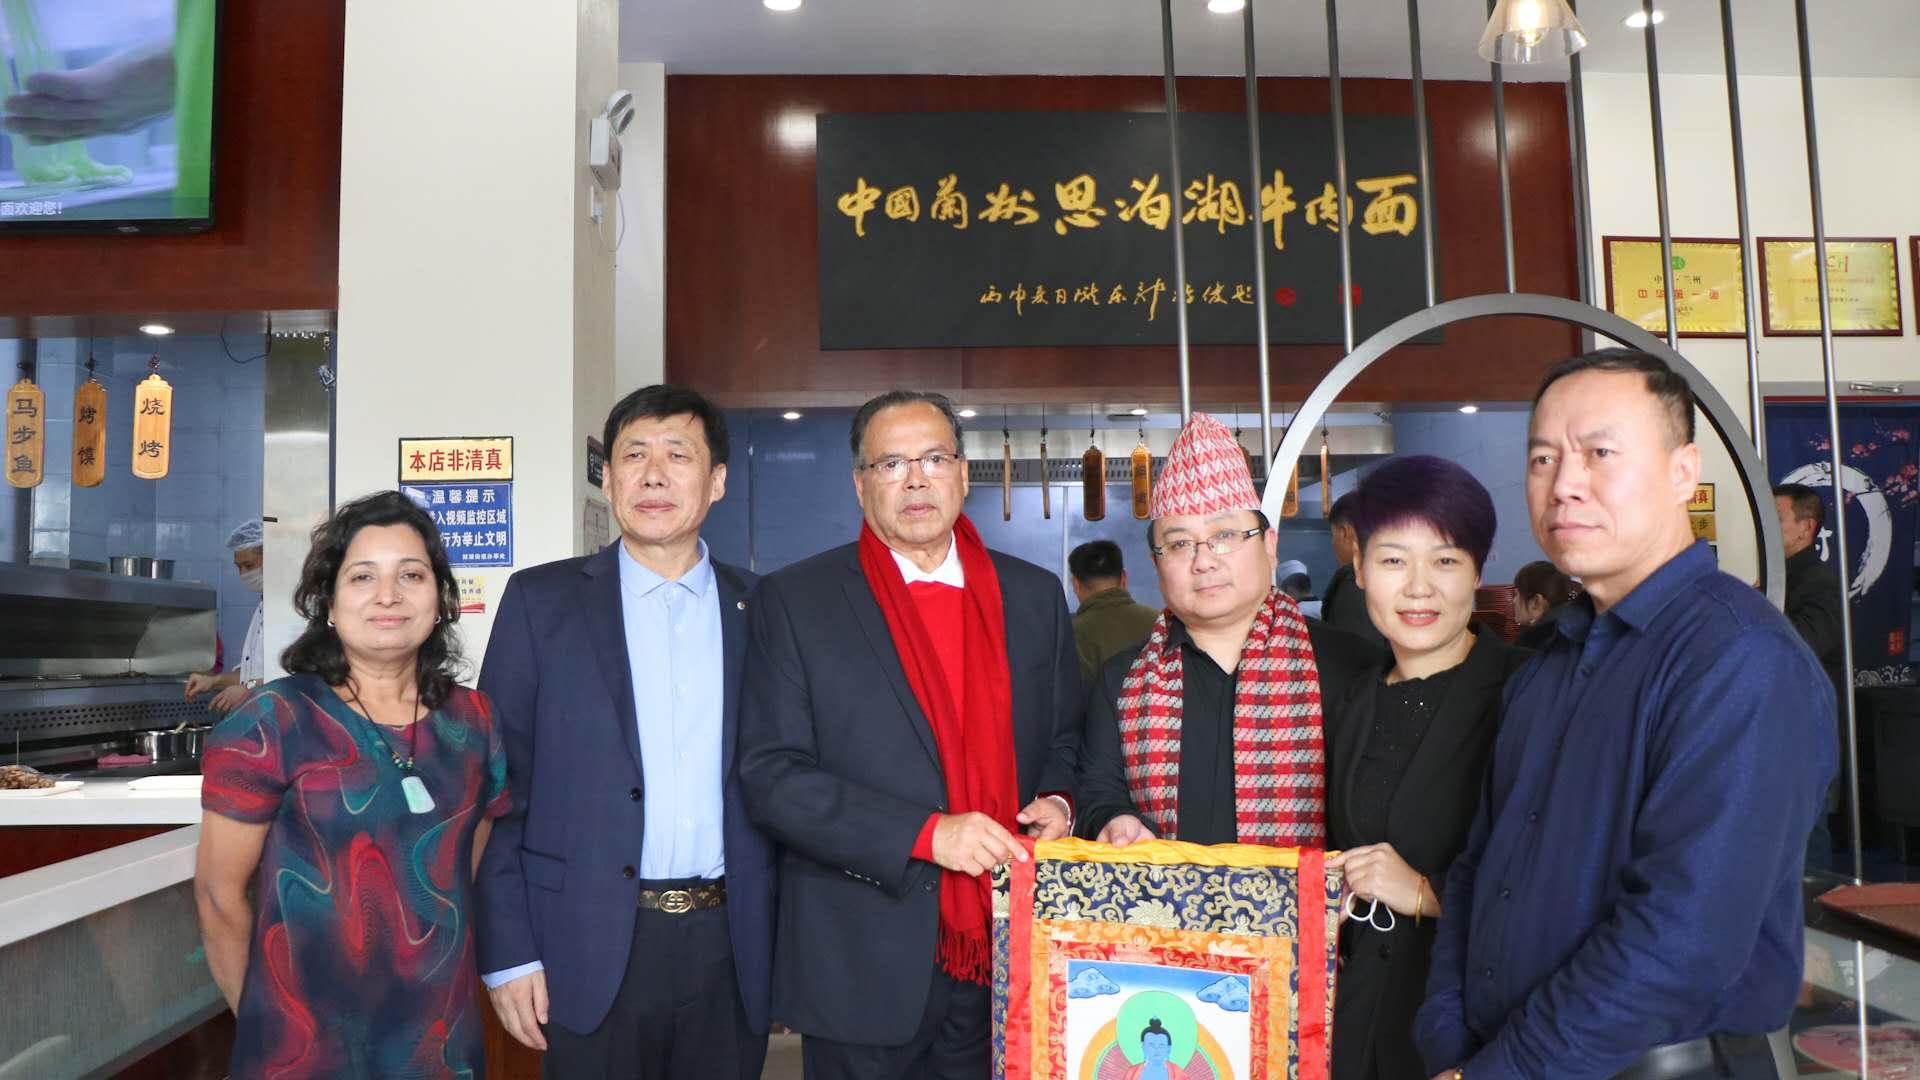 热烈欢迎尼泊尔总理光临的山东泰安兰州思泊湖牛肉面加盟店